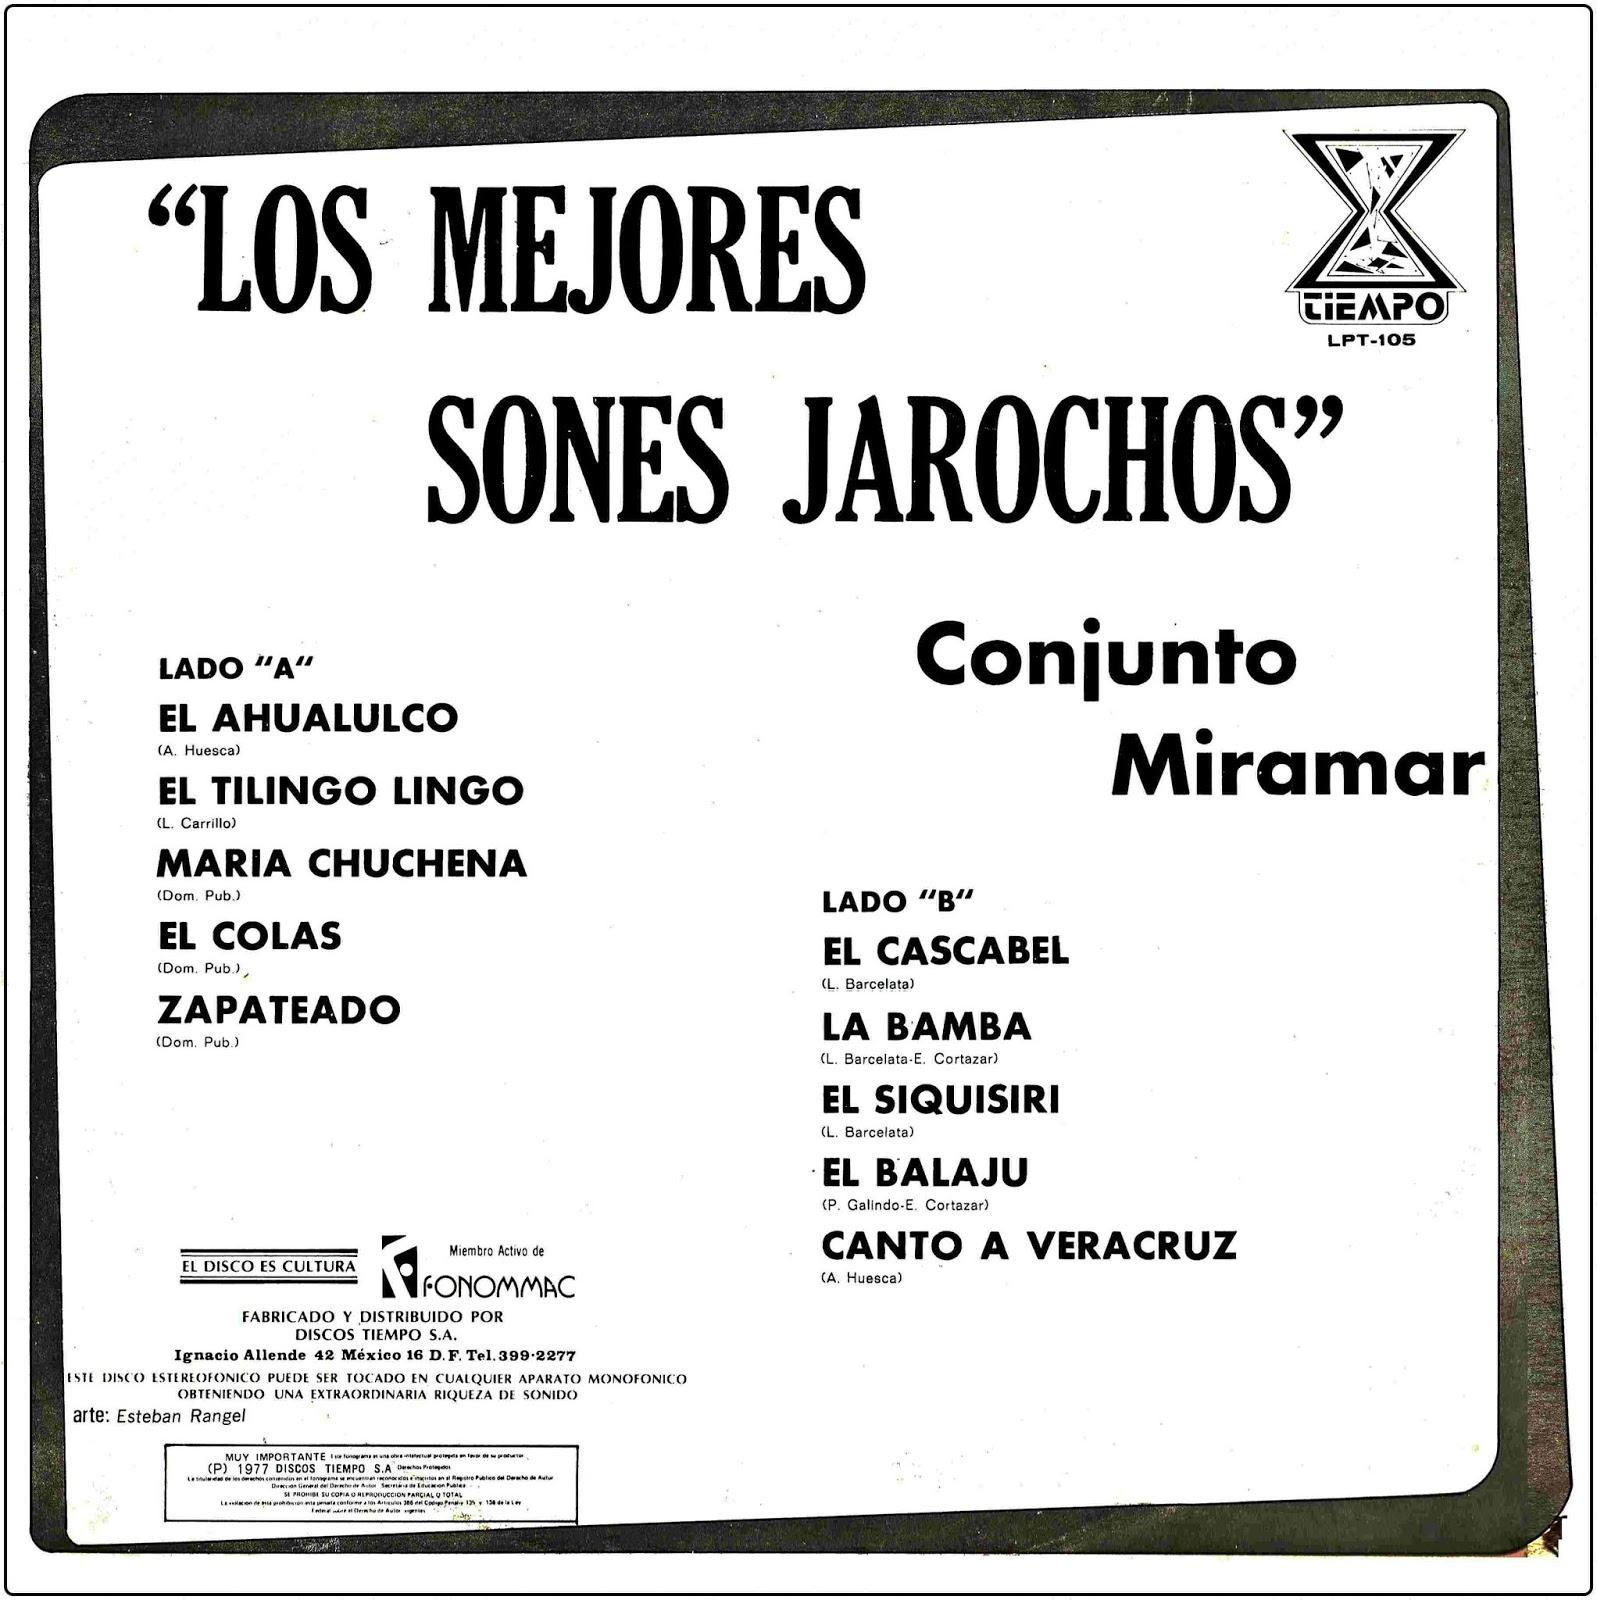 LOS MEJORES SONES JAROCHOS ~ Fonoteca de la danza